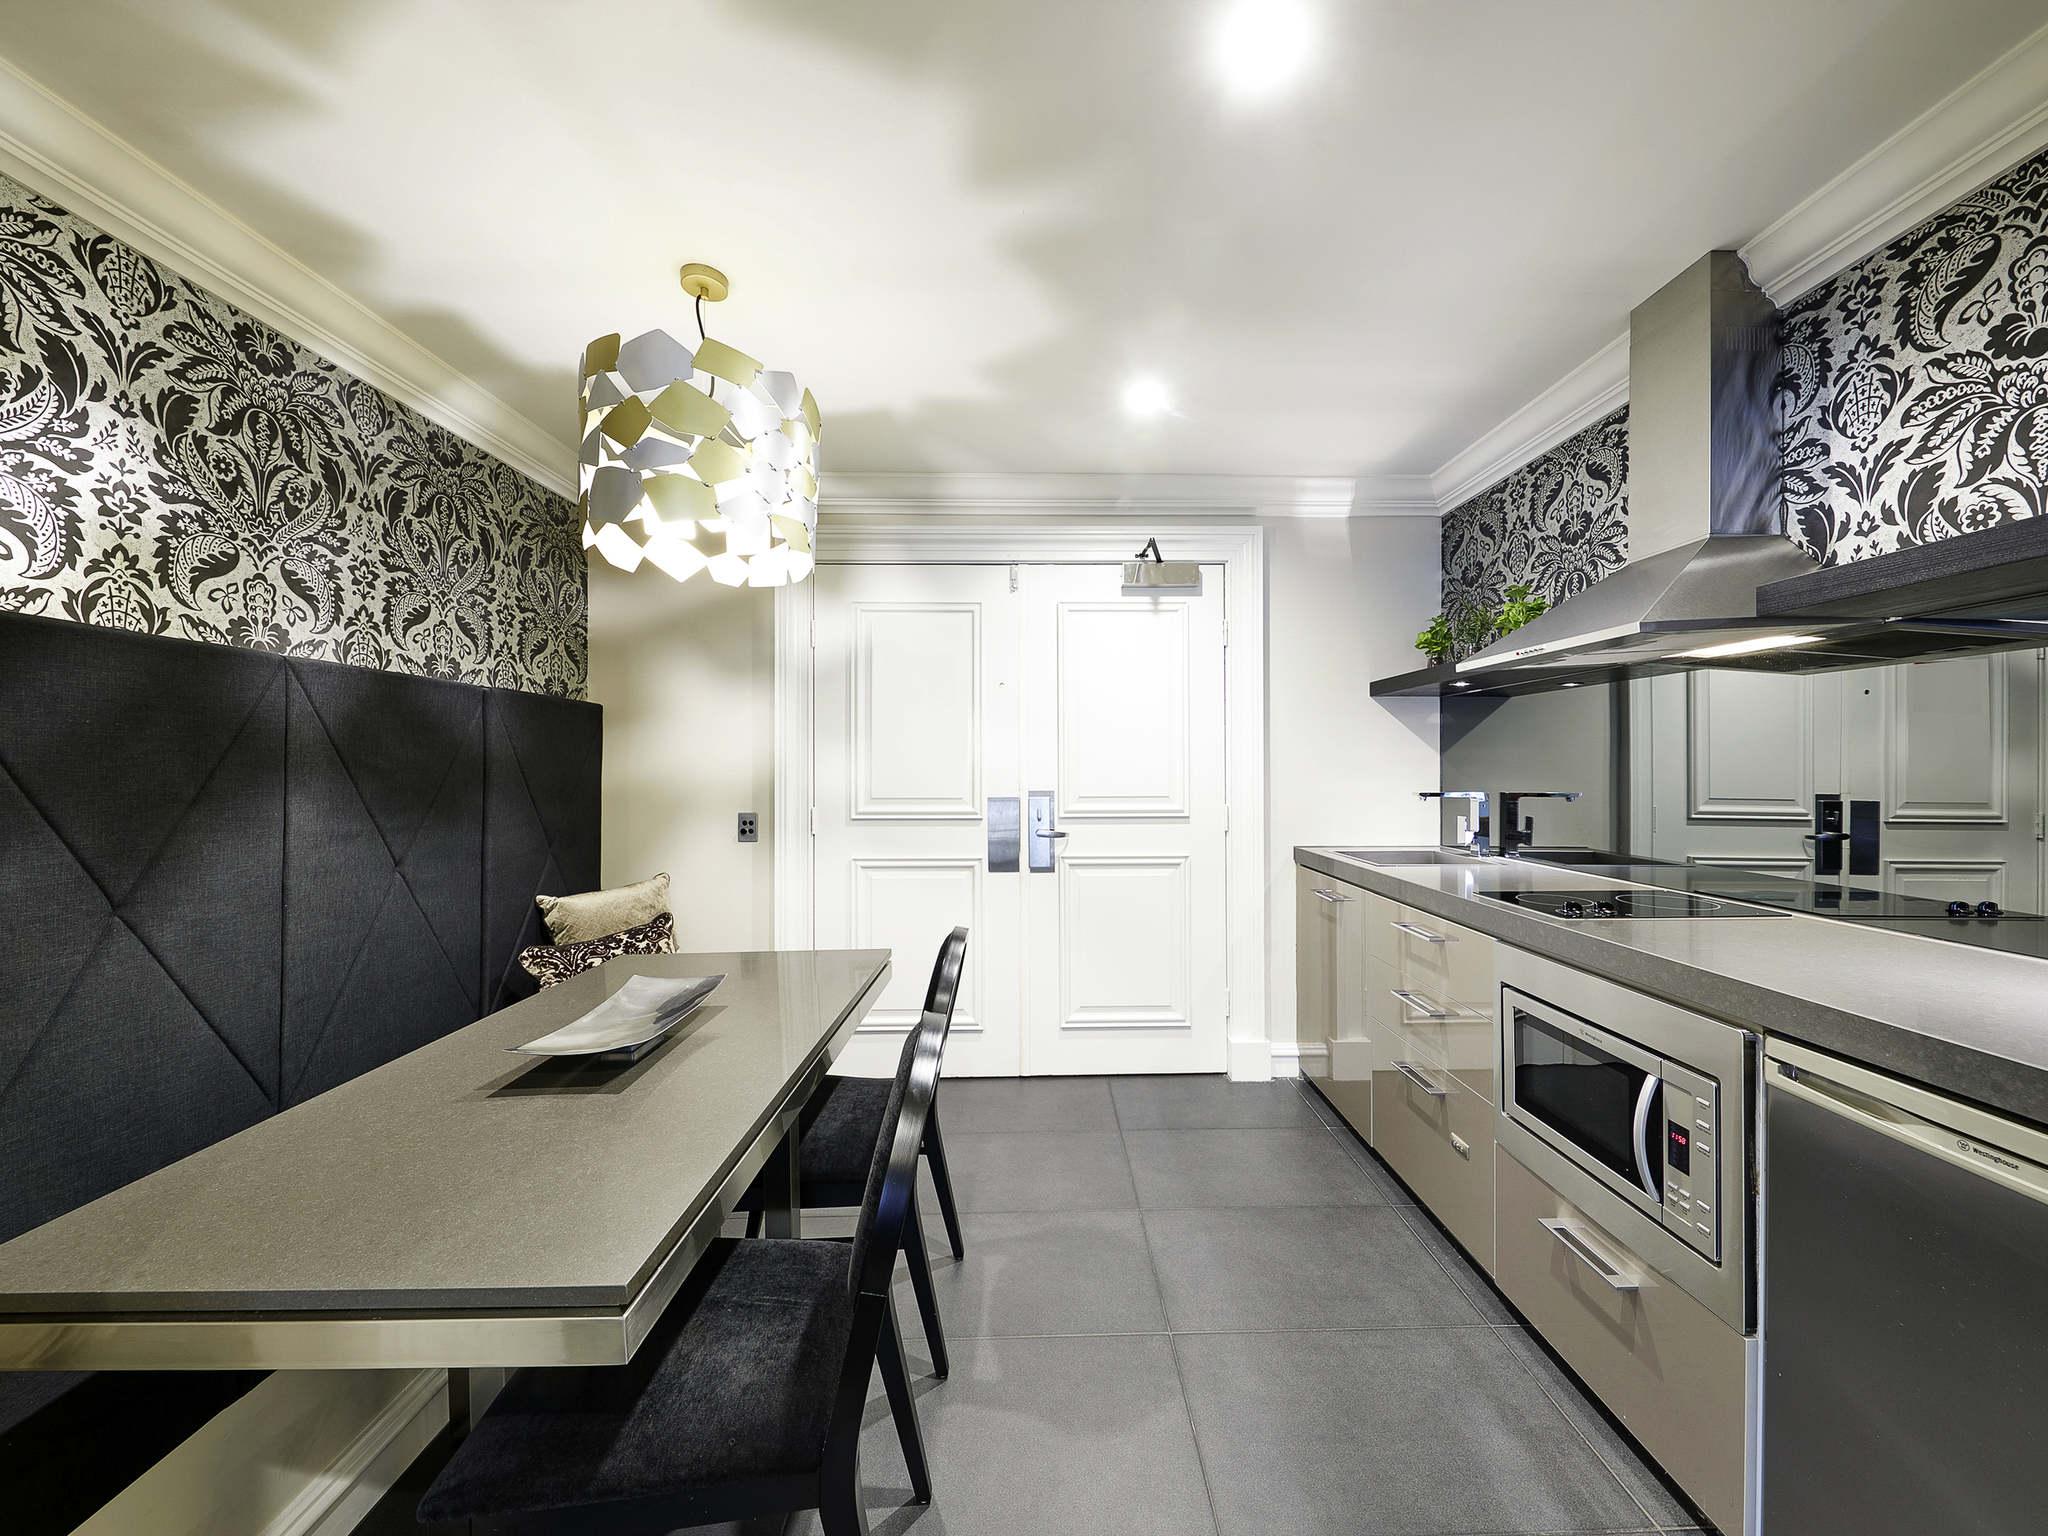 The Sebel Melbourne Flinders Lane - AccorHotels